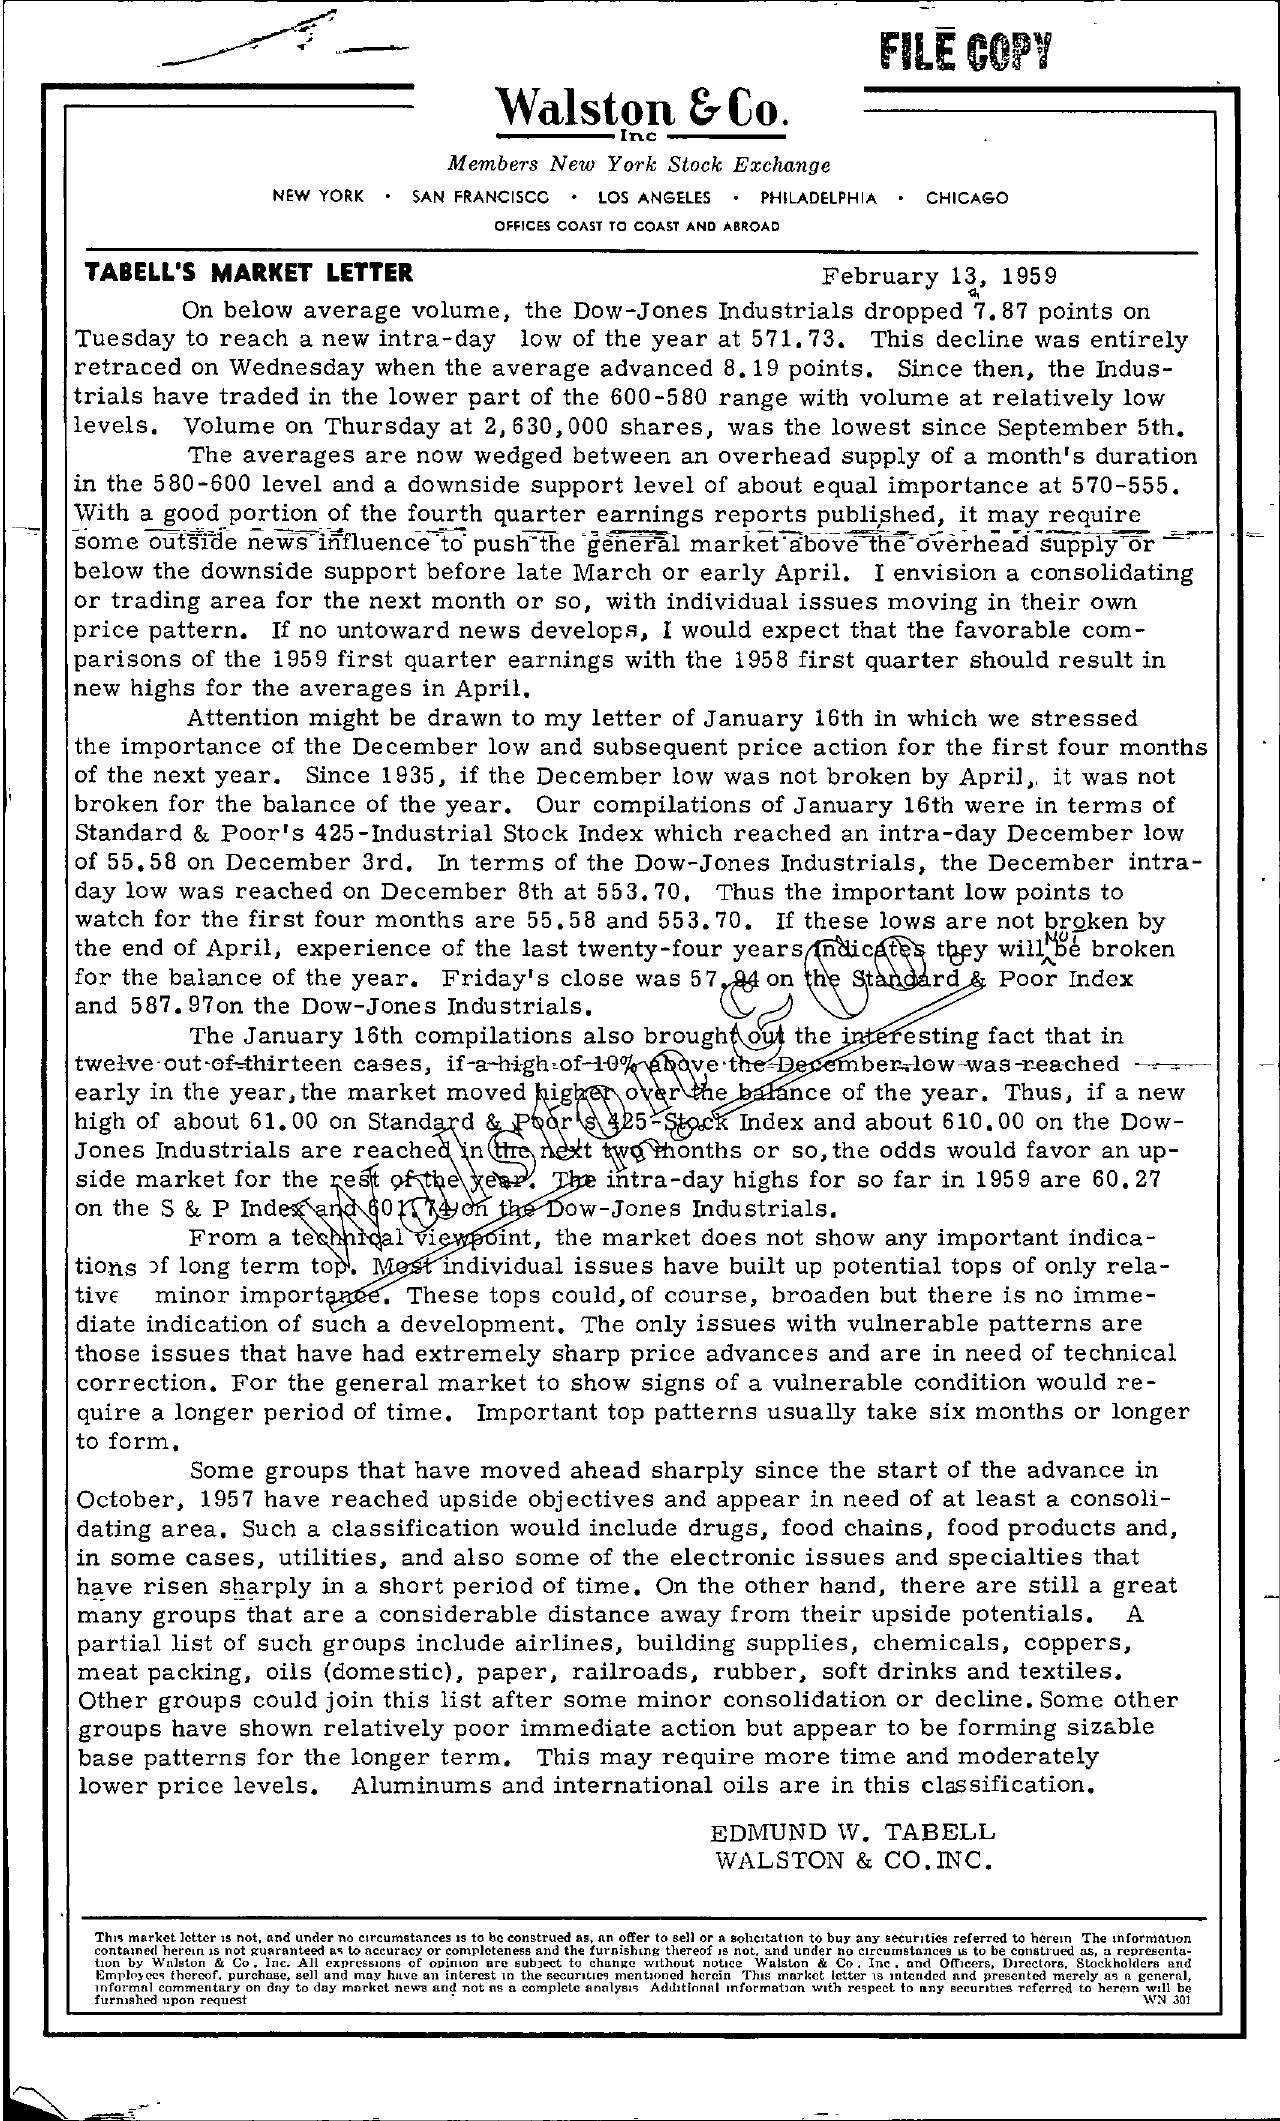 Tabell's Market Letter - February 13, 1959